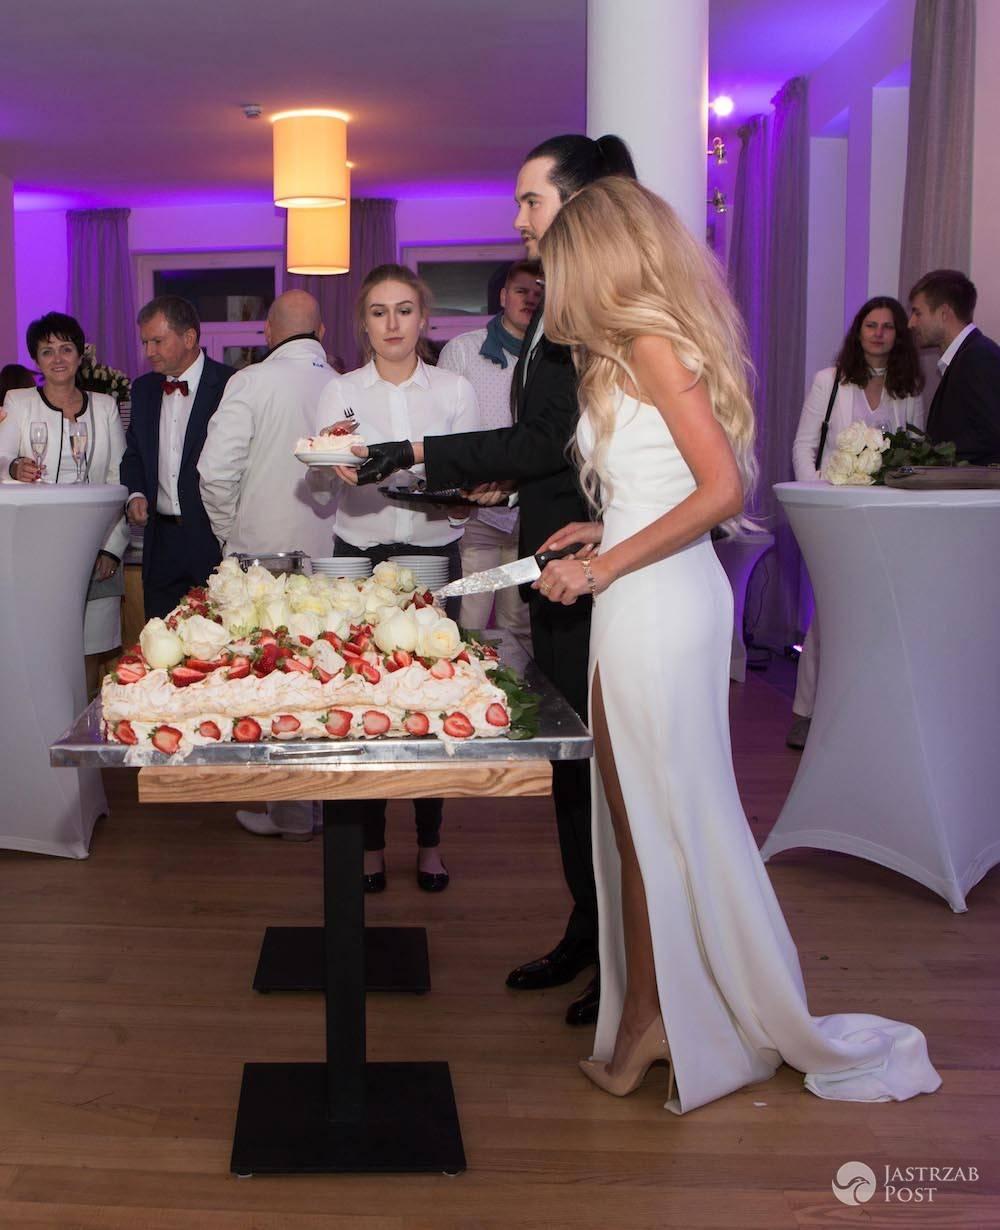 Ślubny tort dla Kejtana Góry przygotowała Marta Grycan